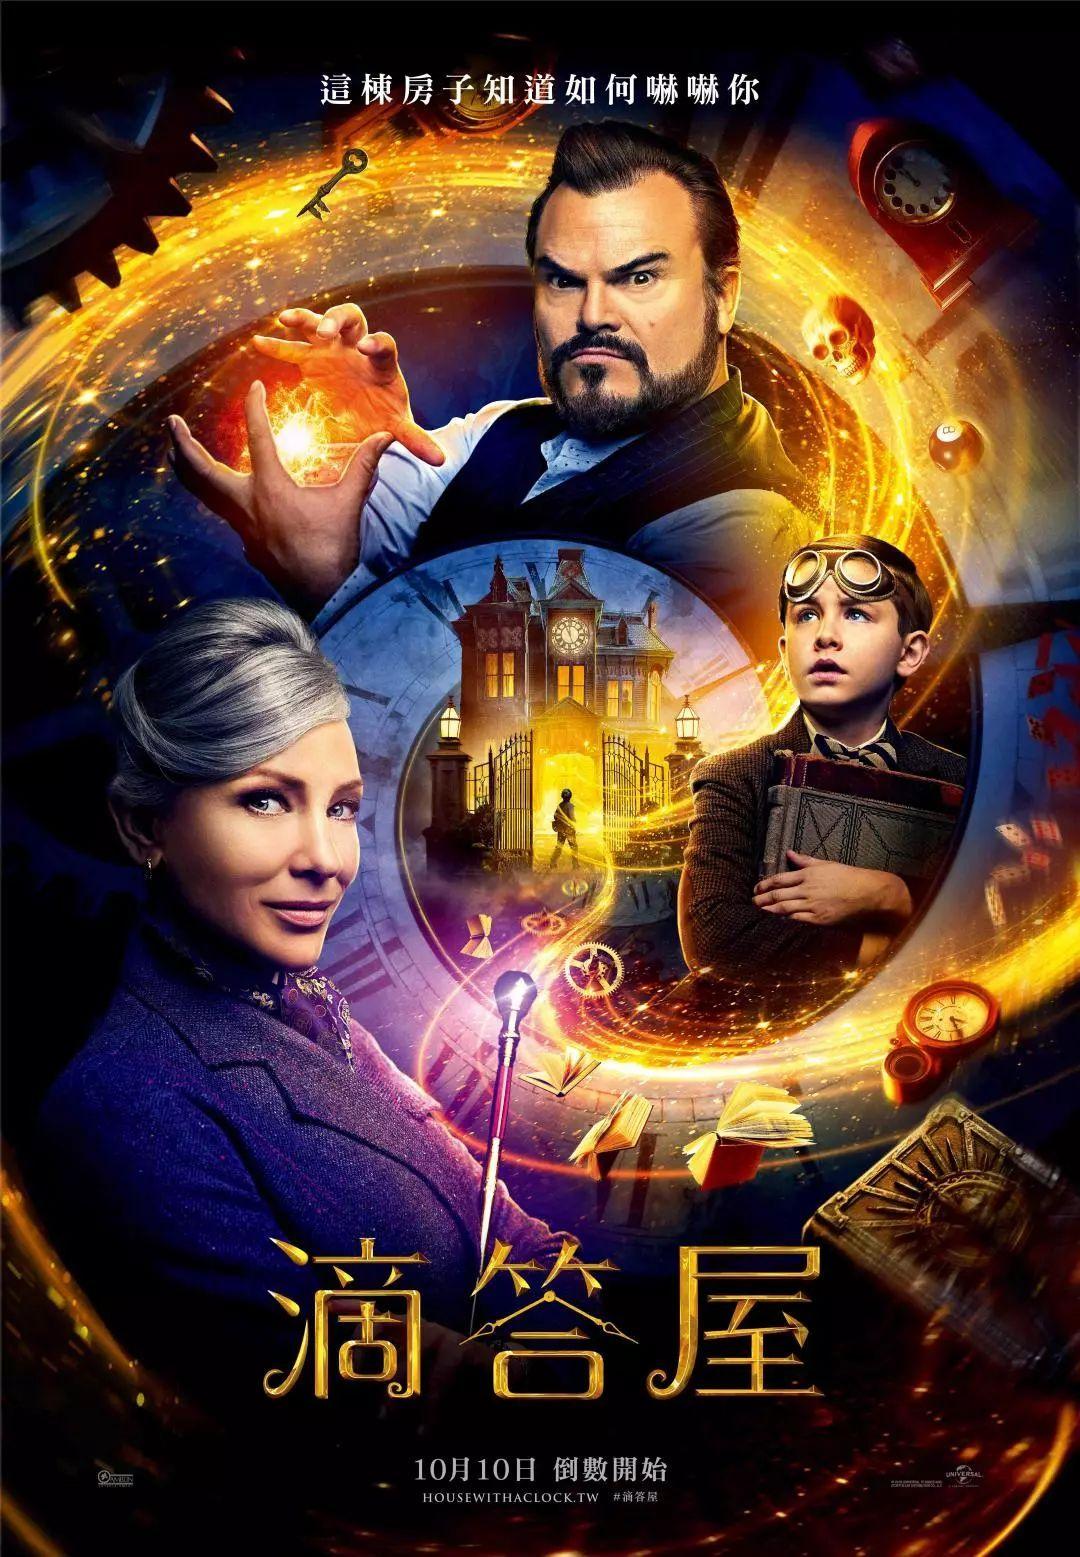 【胡桃夹子和四个王国】作为一部迪士尼片子,符合了迪士尼的梦幻